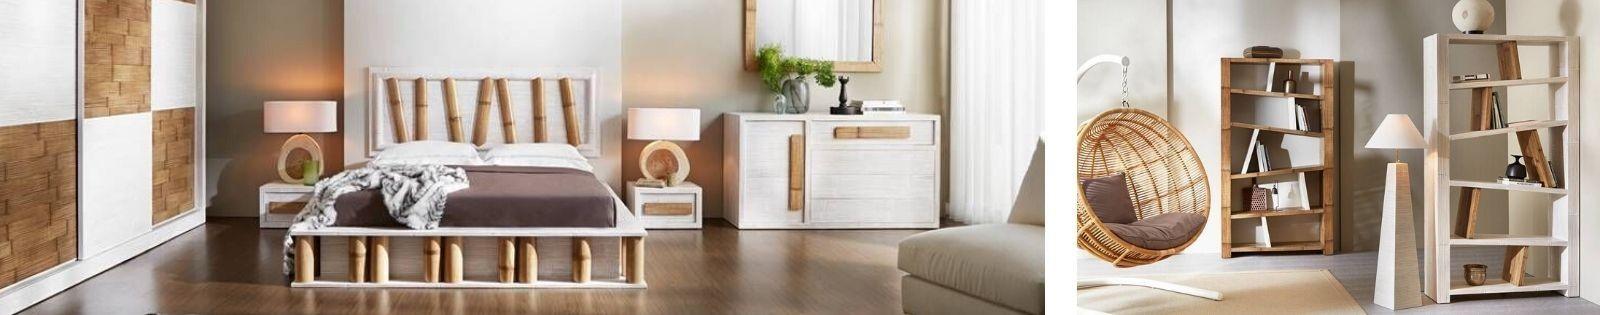 Meubles en bambou-Mobilier pour la chambre, le salon la salle à manger